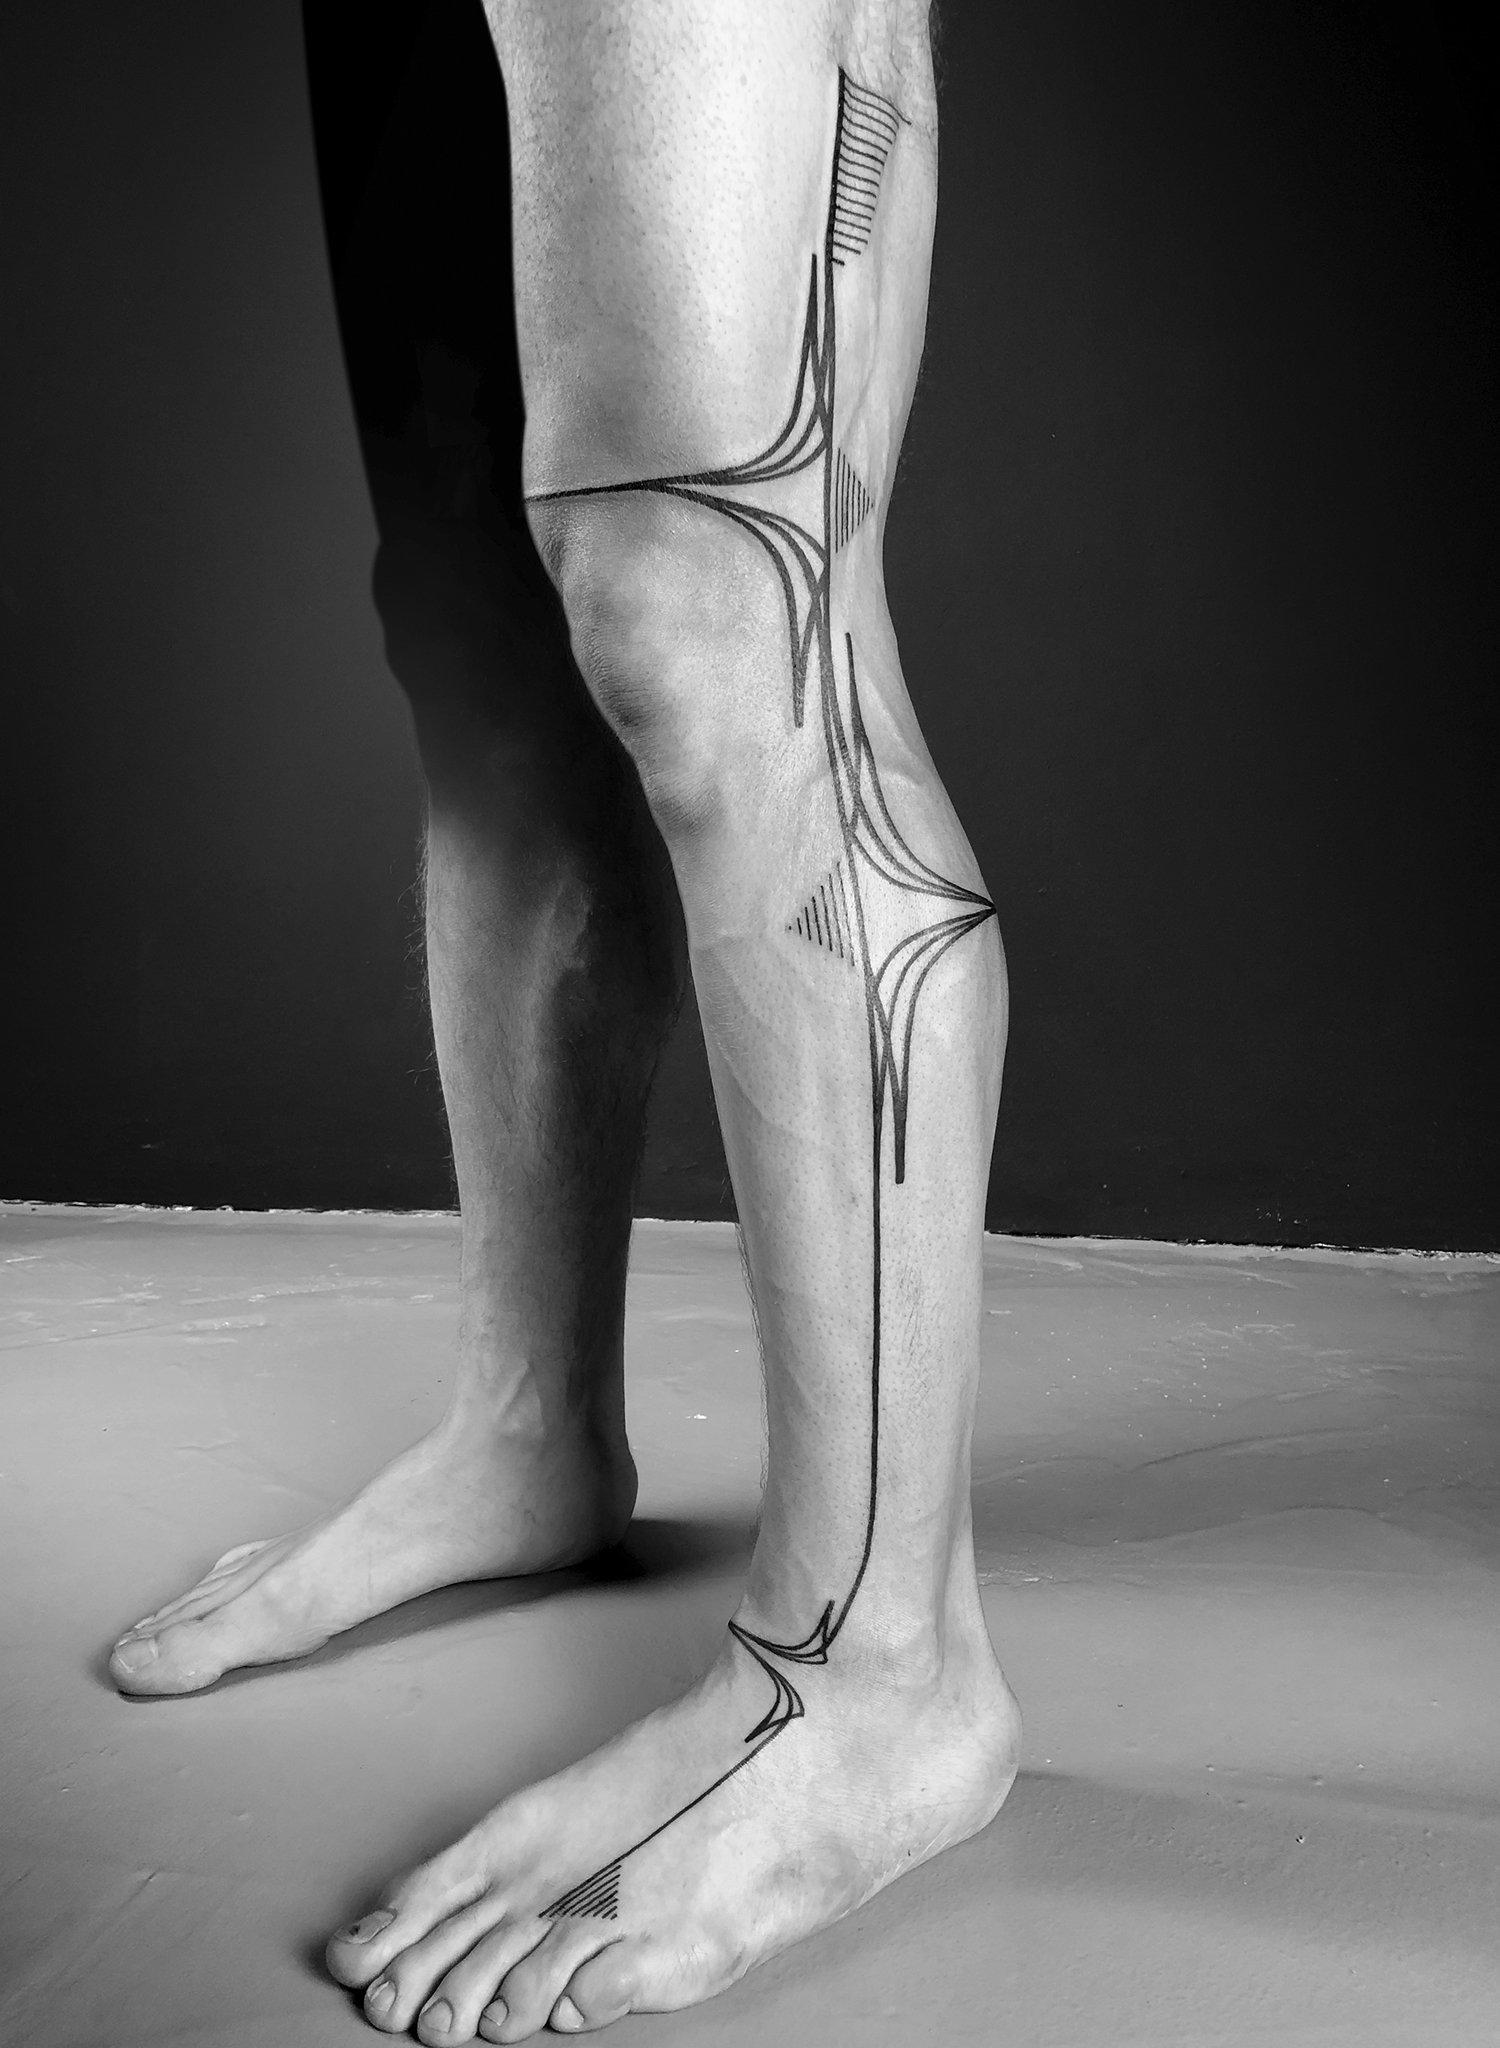 blackwork tattoo on leg